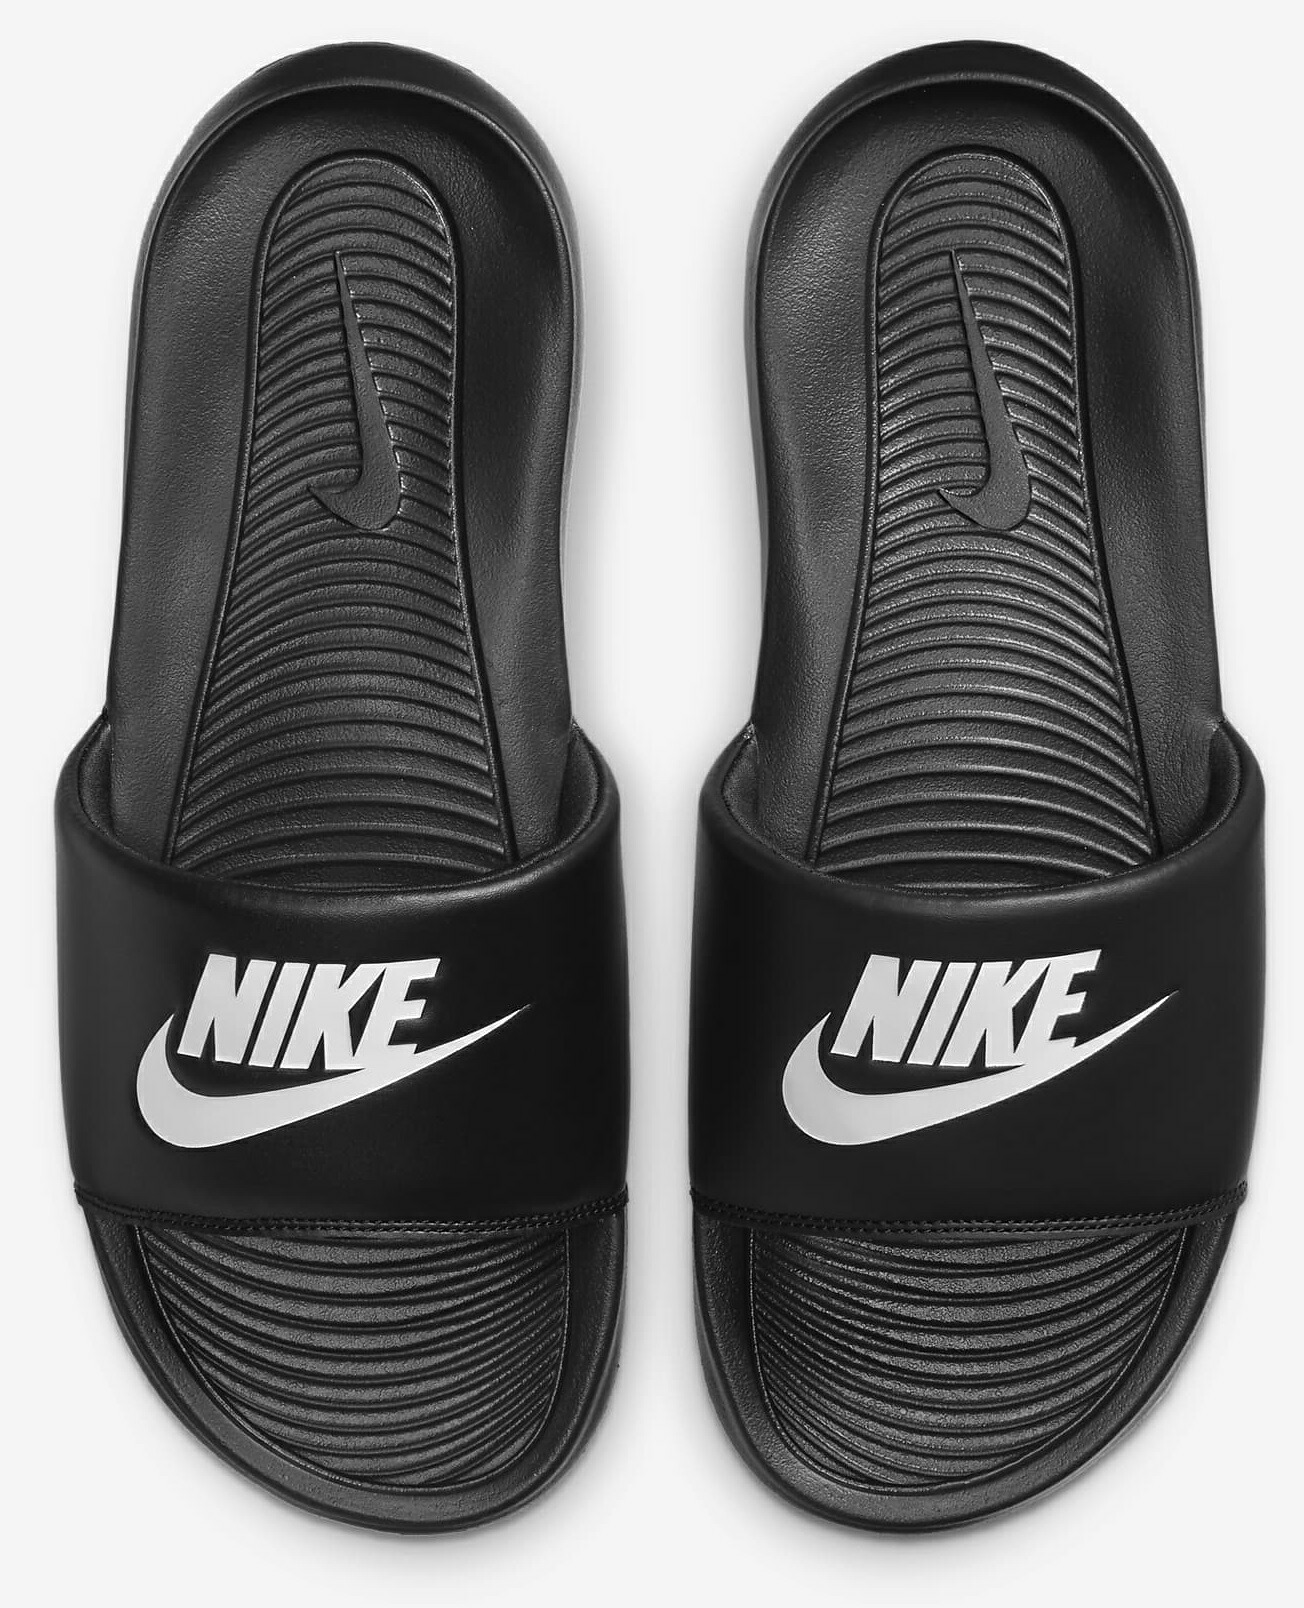 NIKE ナイキ サンダル シューズ海 プール ビーチ 夏靴 気質アップ ビクトリーワン ビーサン アウトドア スリッパ 日本 ベナッシ メンズスライド 靴 CN9675-002